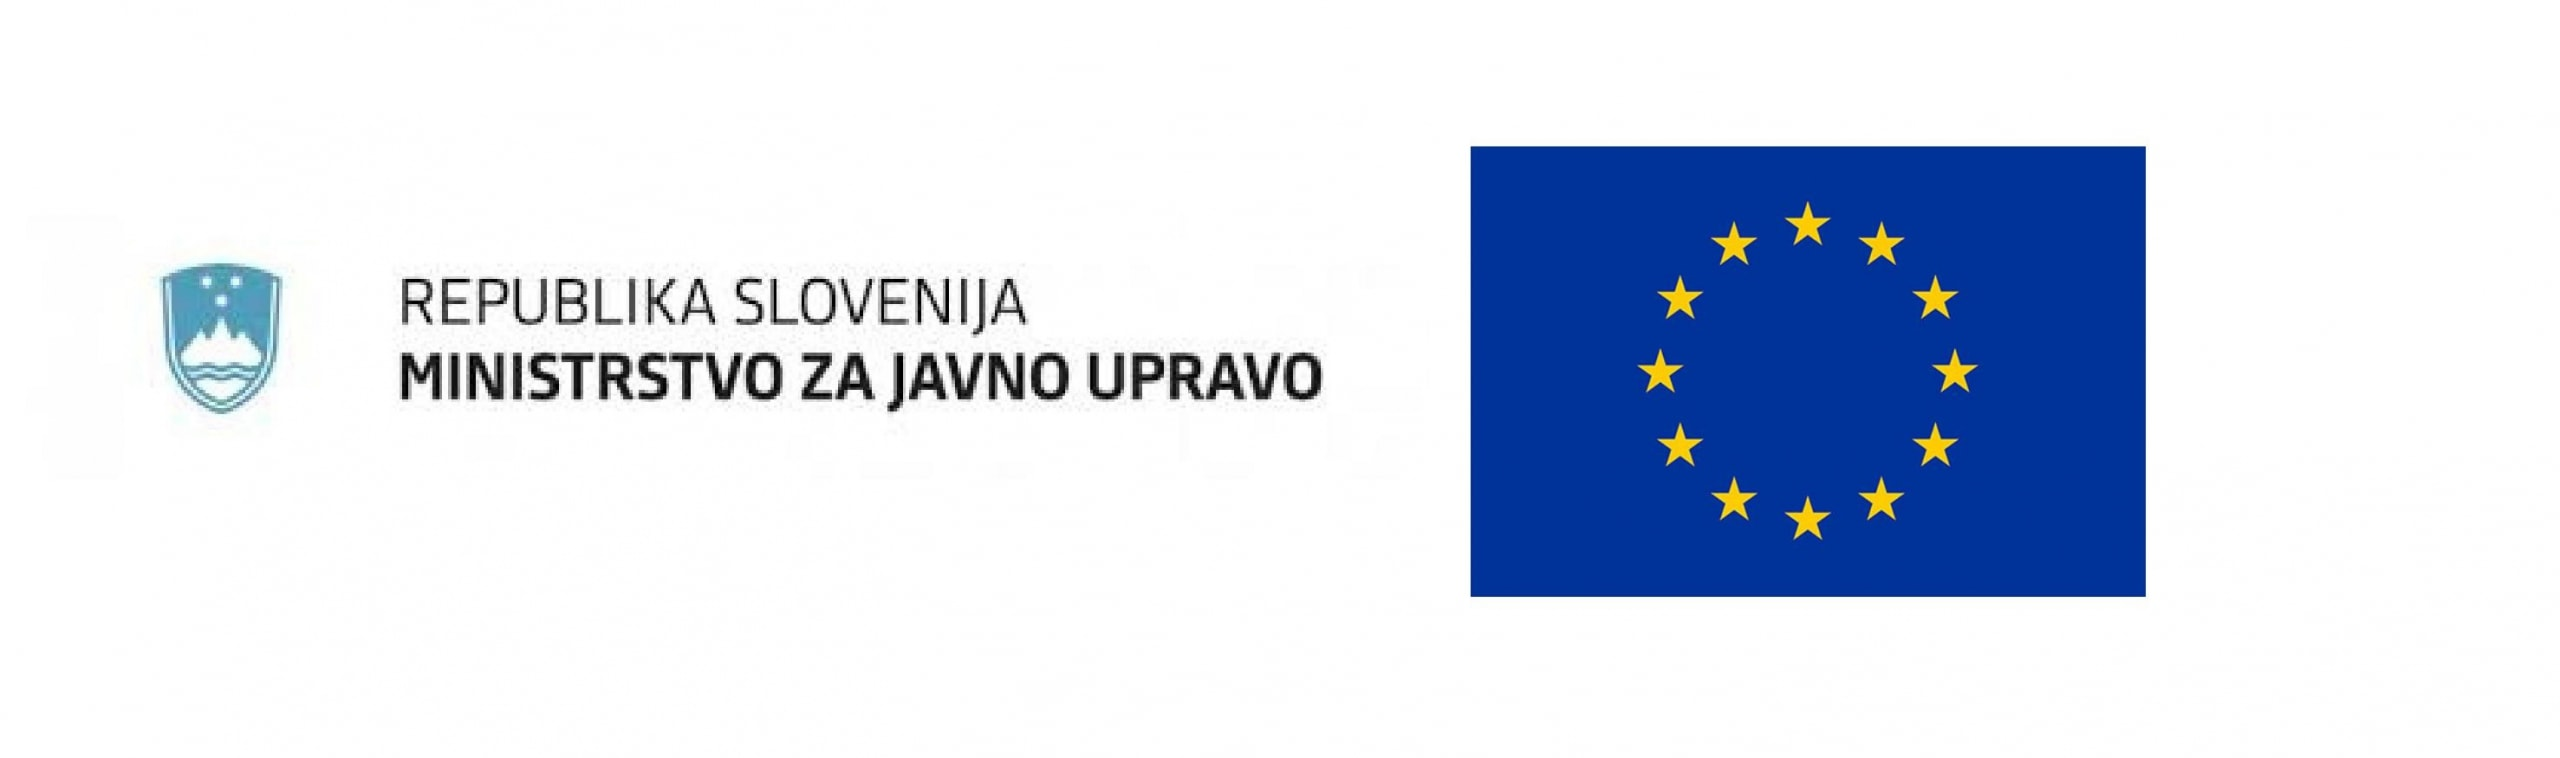 Logotip MJU in EU